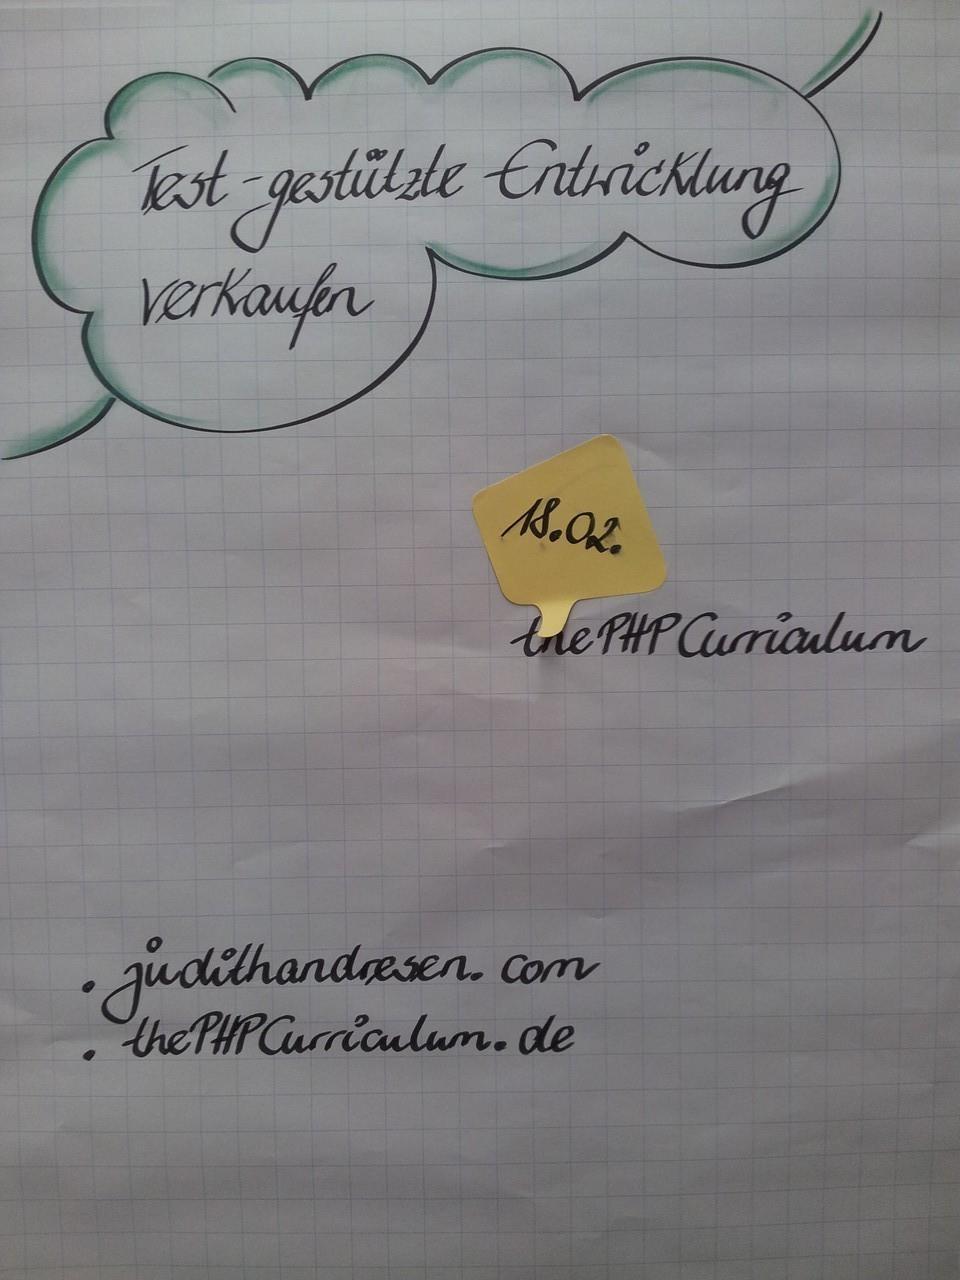 Testgestützte Entwicklung verkaufen (judithandresen.com/thePHPCurriculum.de)